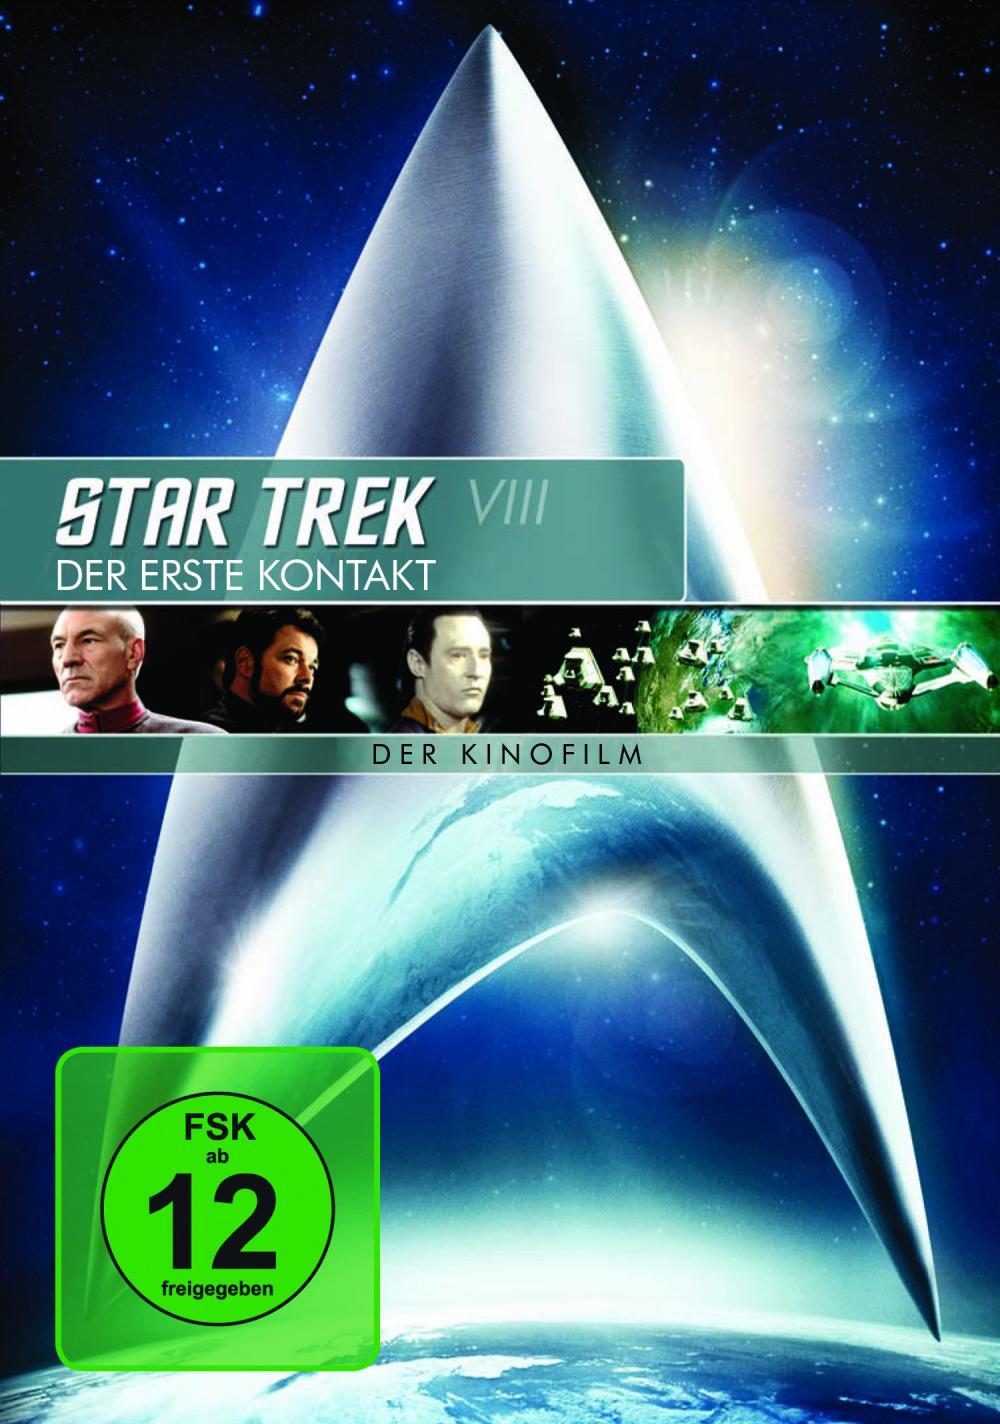 Erste Star Trek Folge